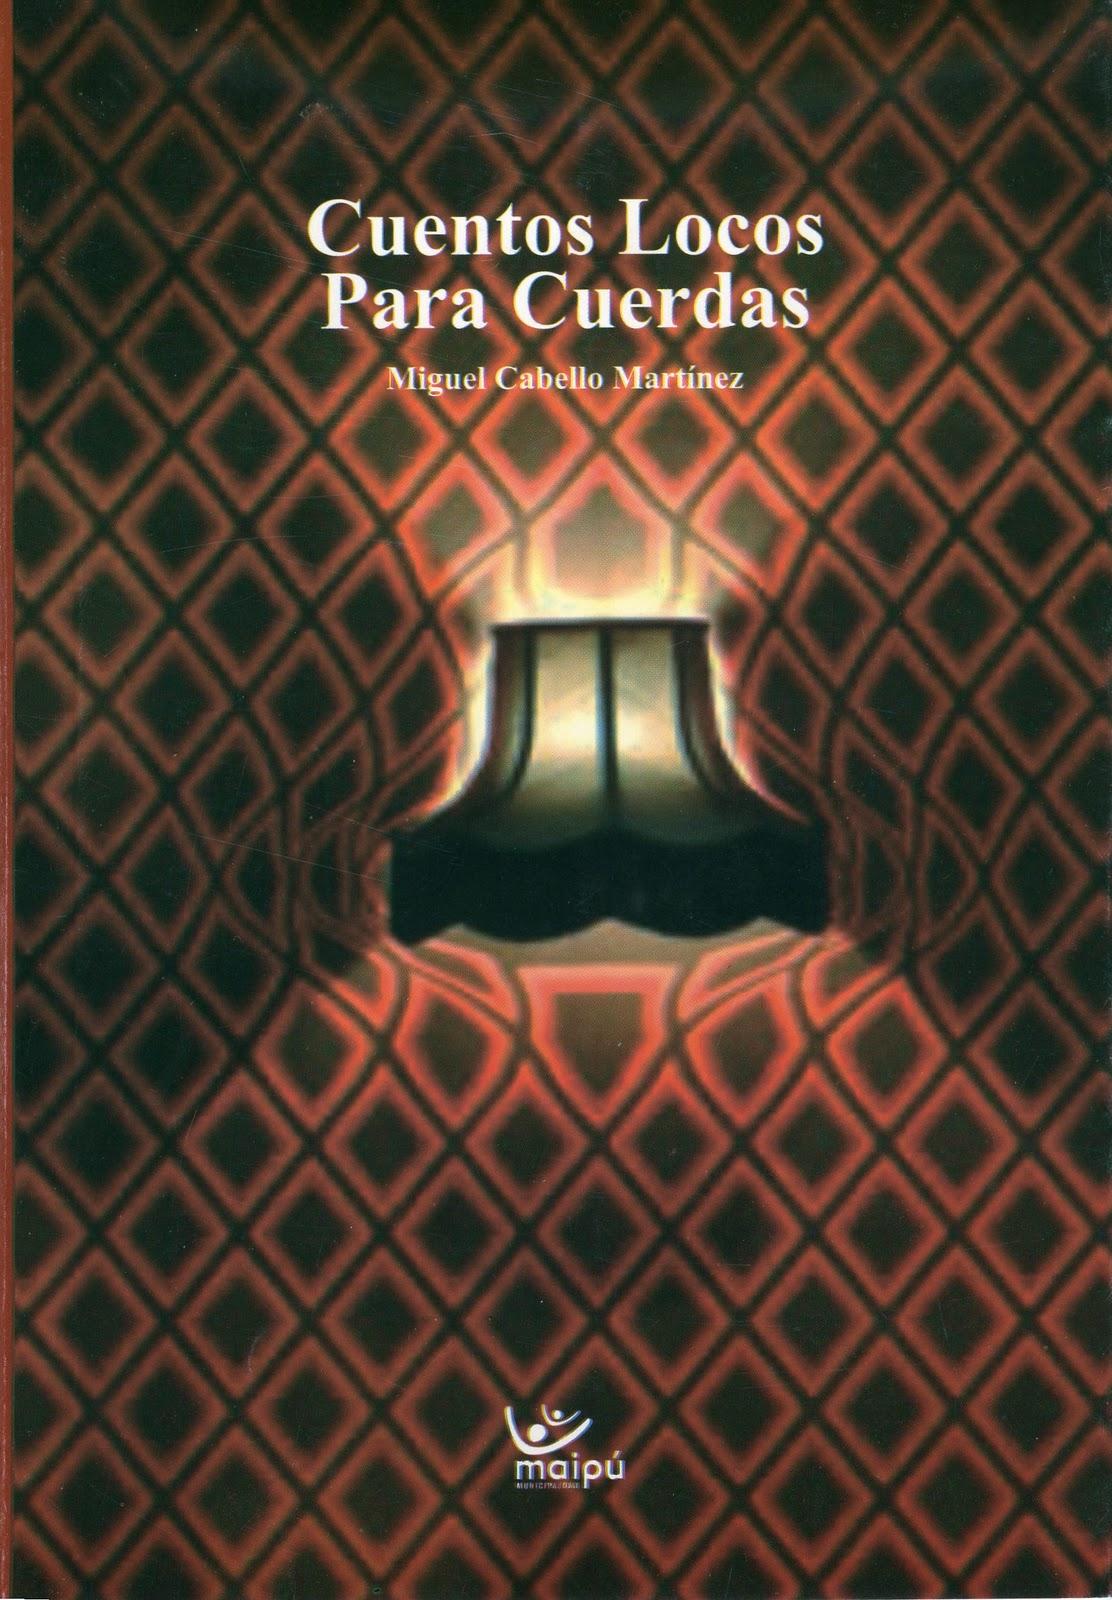 CIRCULO DE LETRAS: 2010